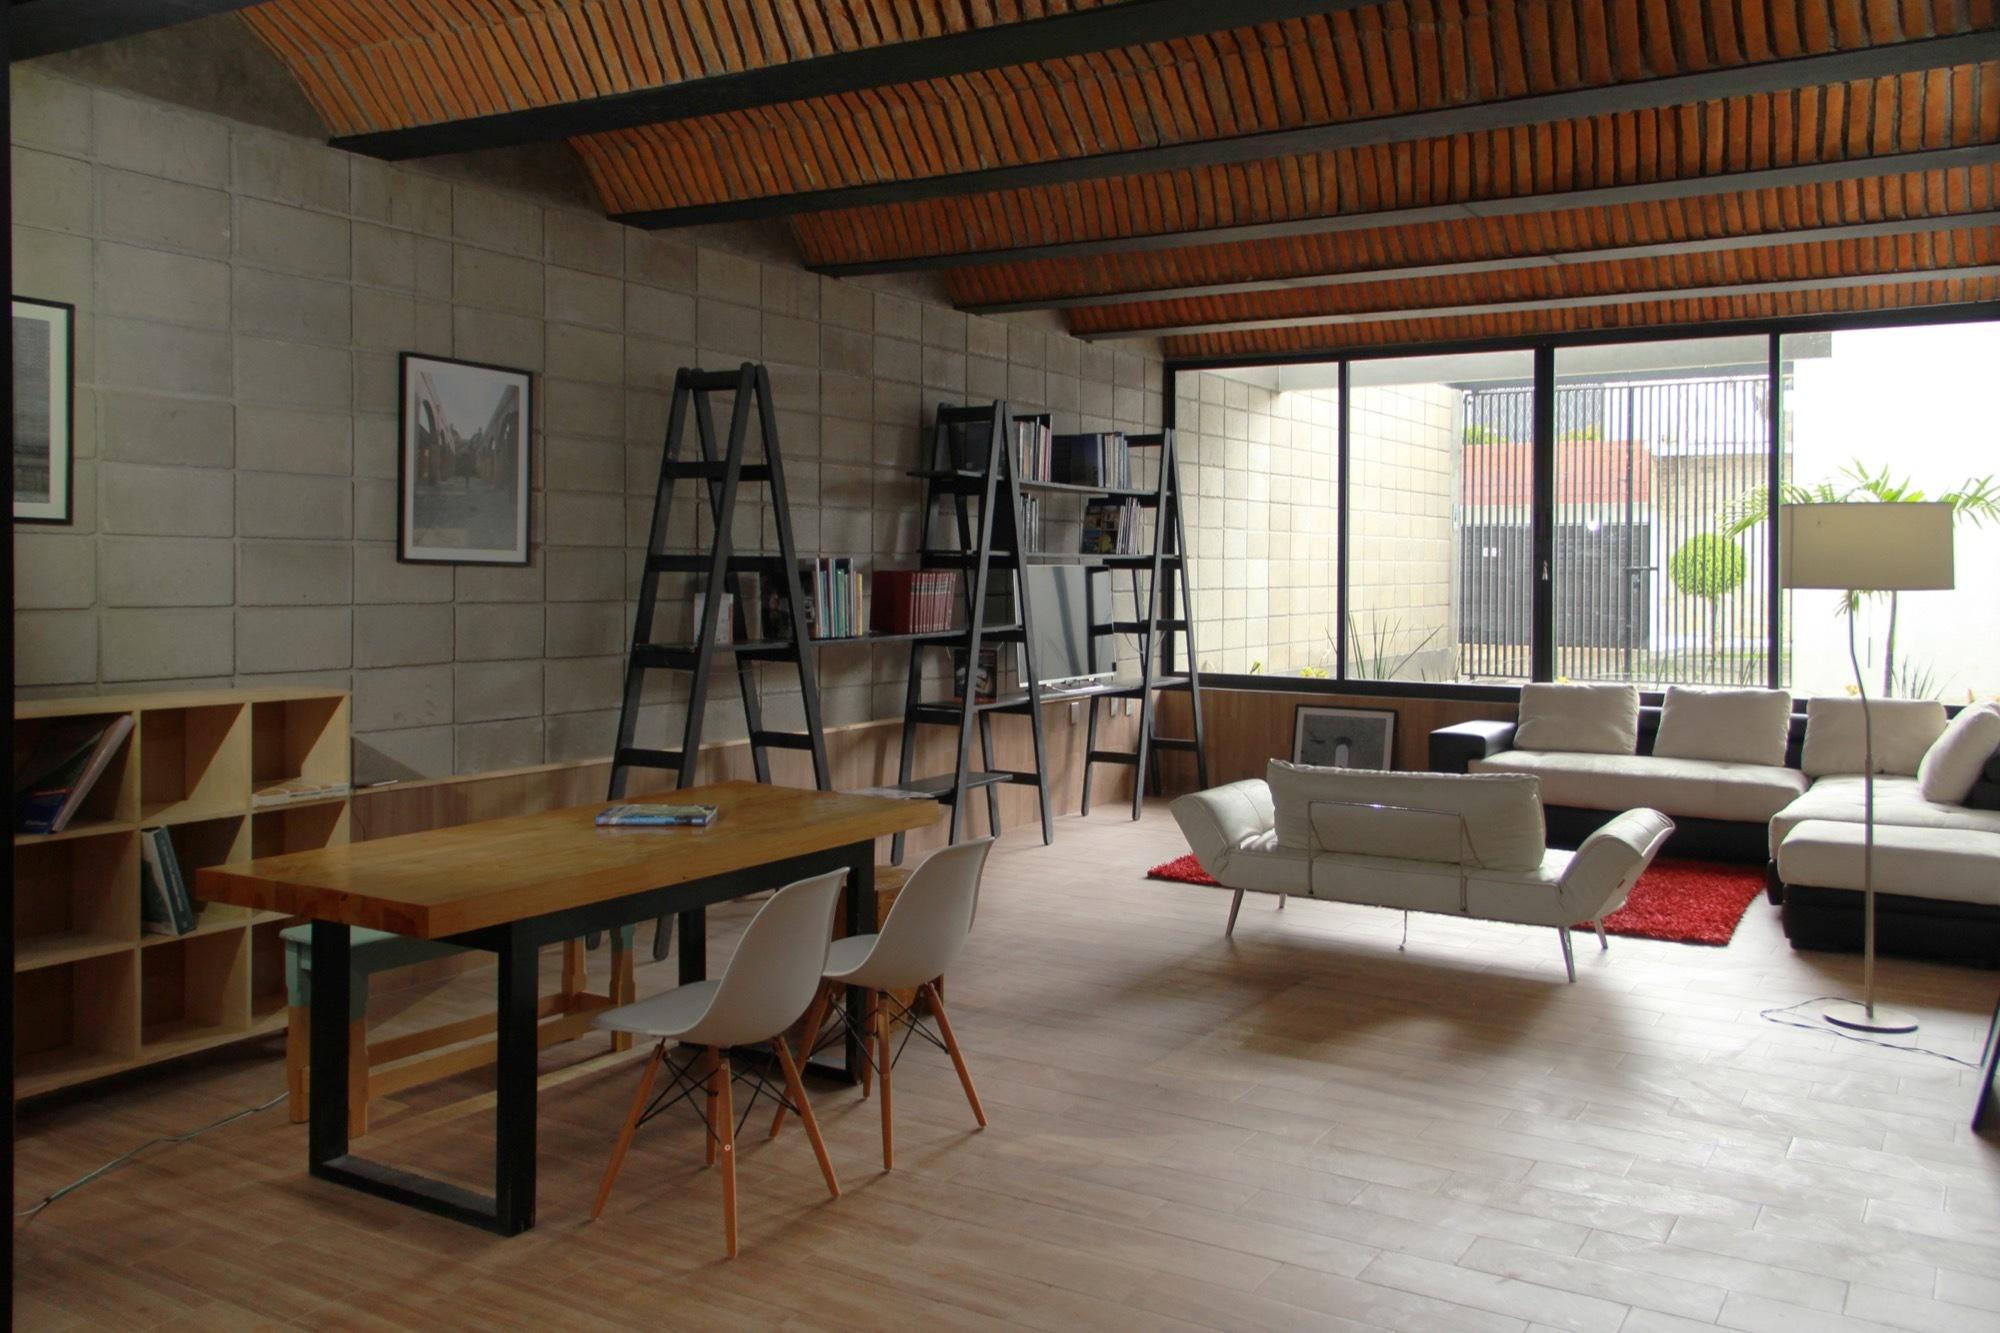 Galer a de casa jard n apaloosa estudio de arquitectura for Arquitectura y diseno de casas